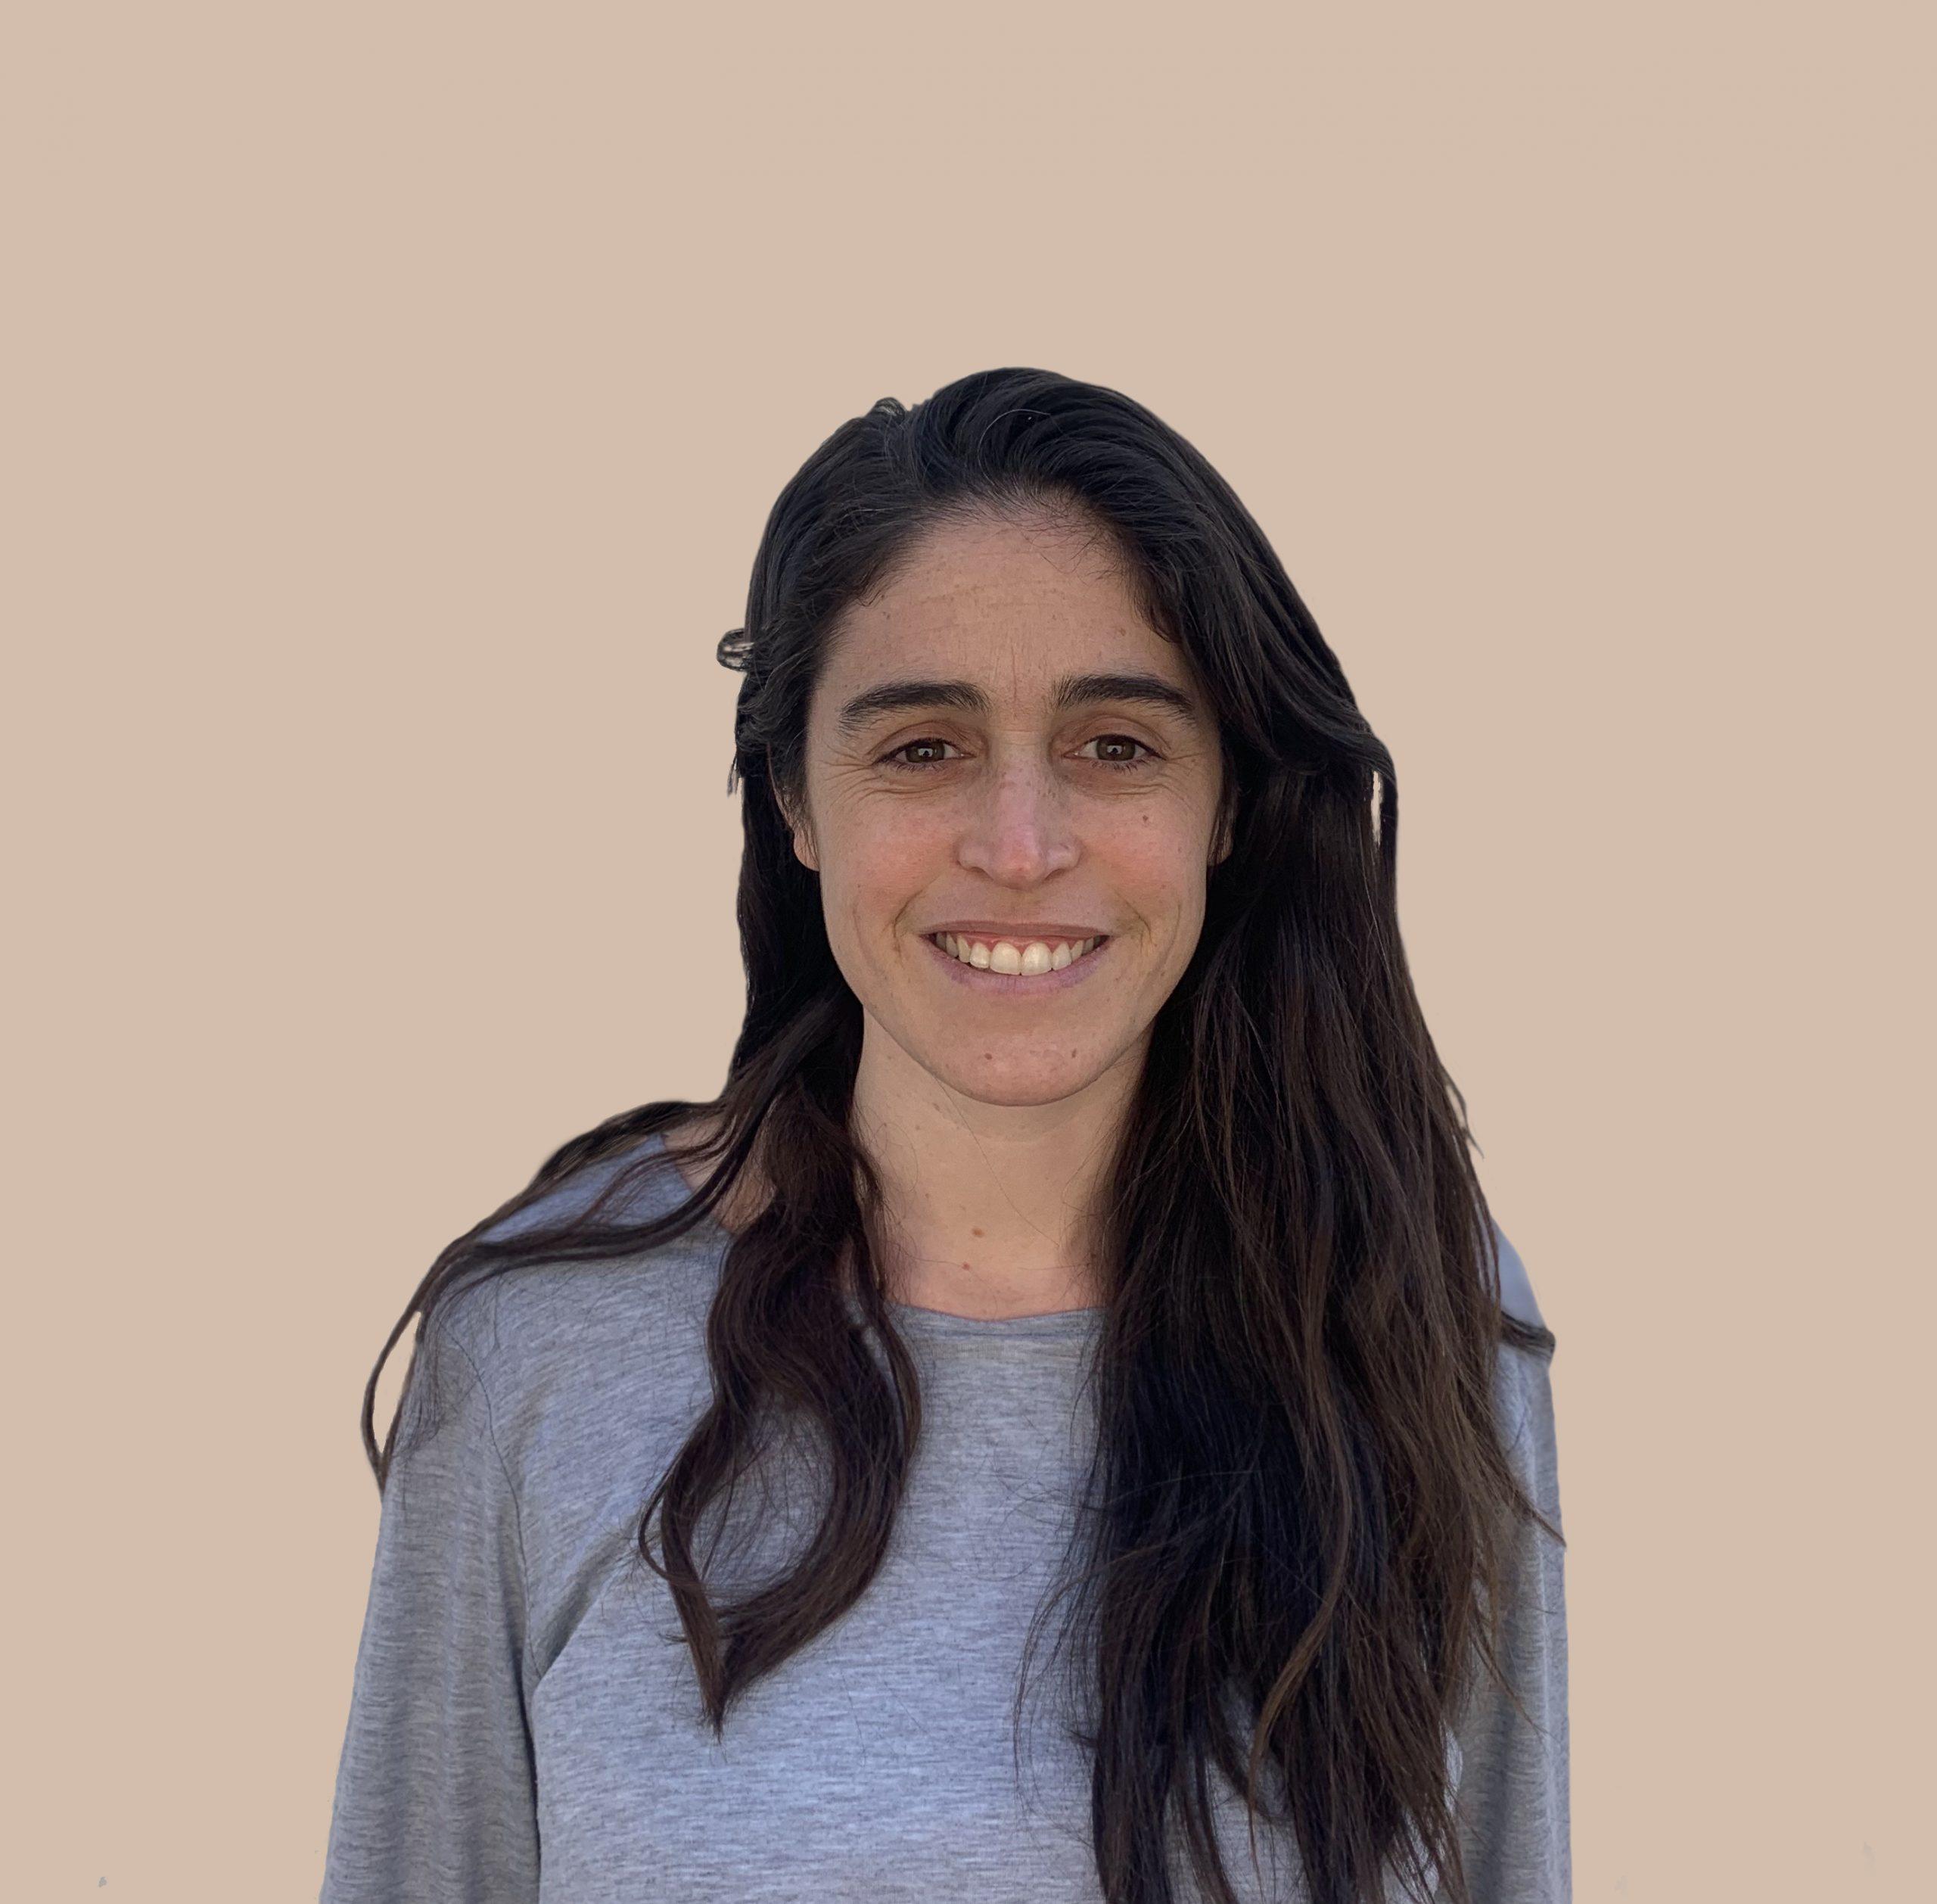 Pilar Valdivieso